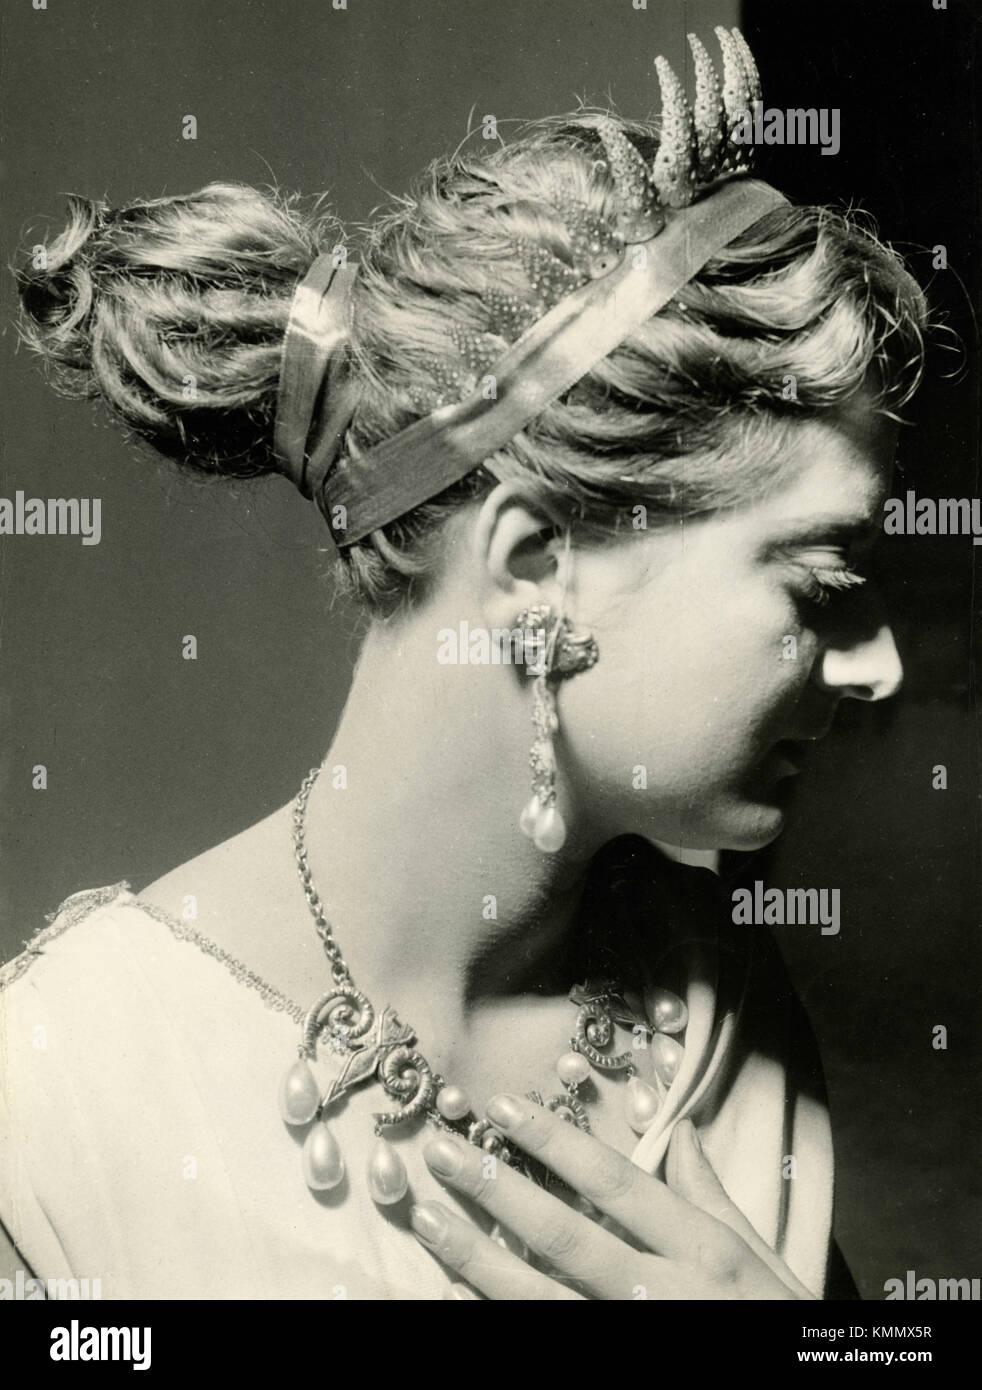 Modelo de toga en el show de peluquería, Italia 1960 Imagen De Stock